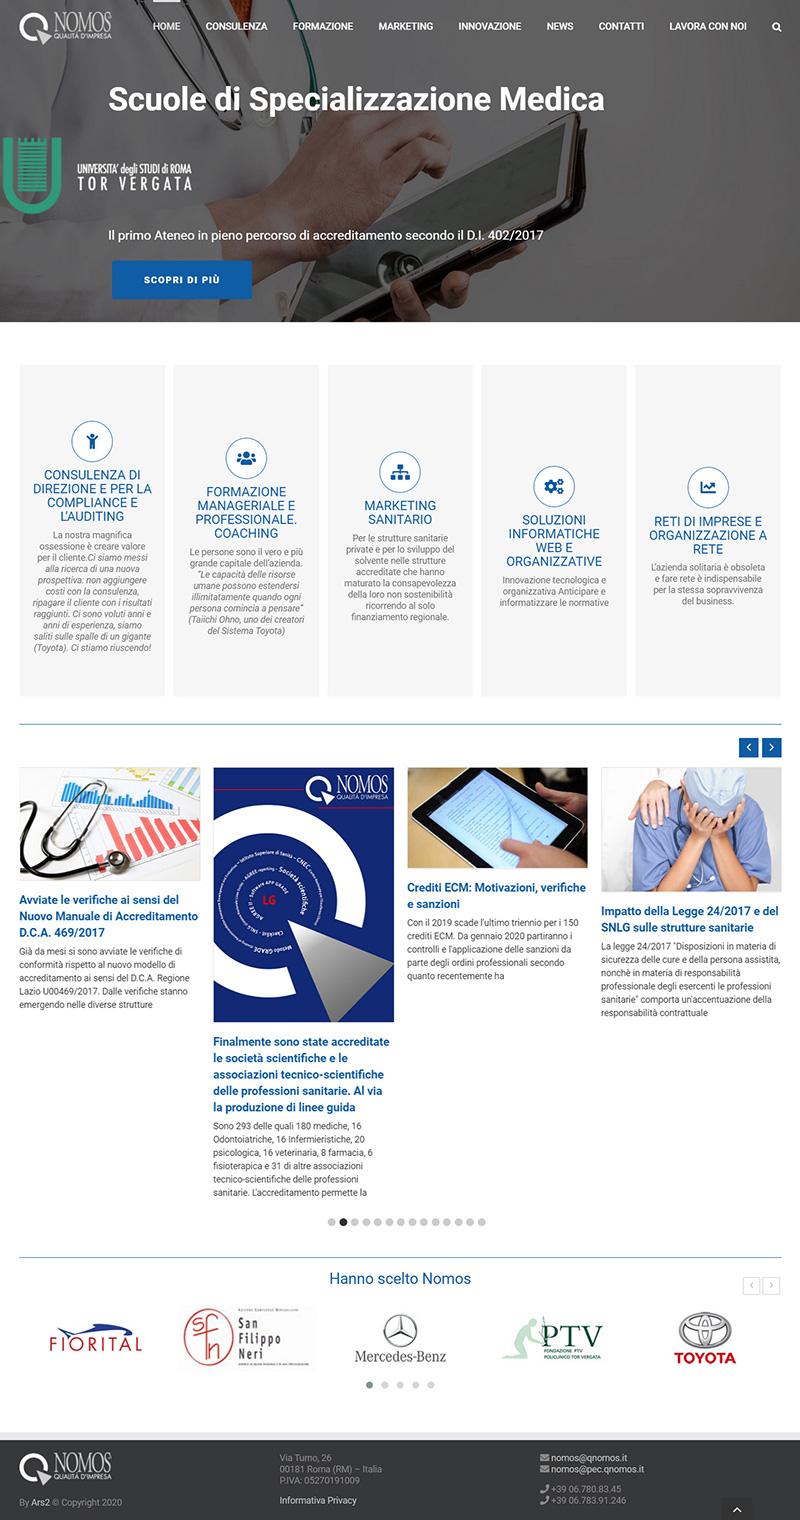 qnomos.com - portfolio sito arsdue